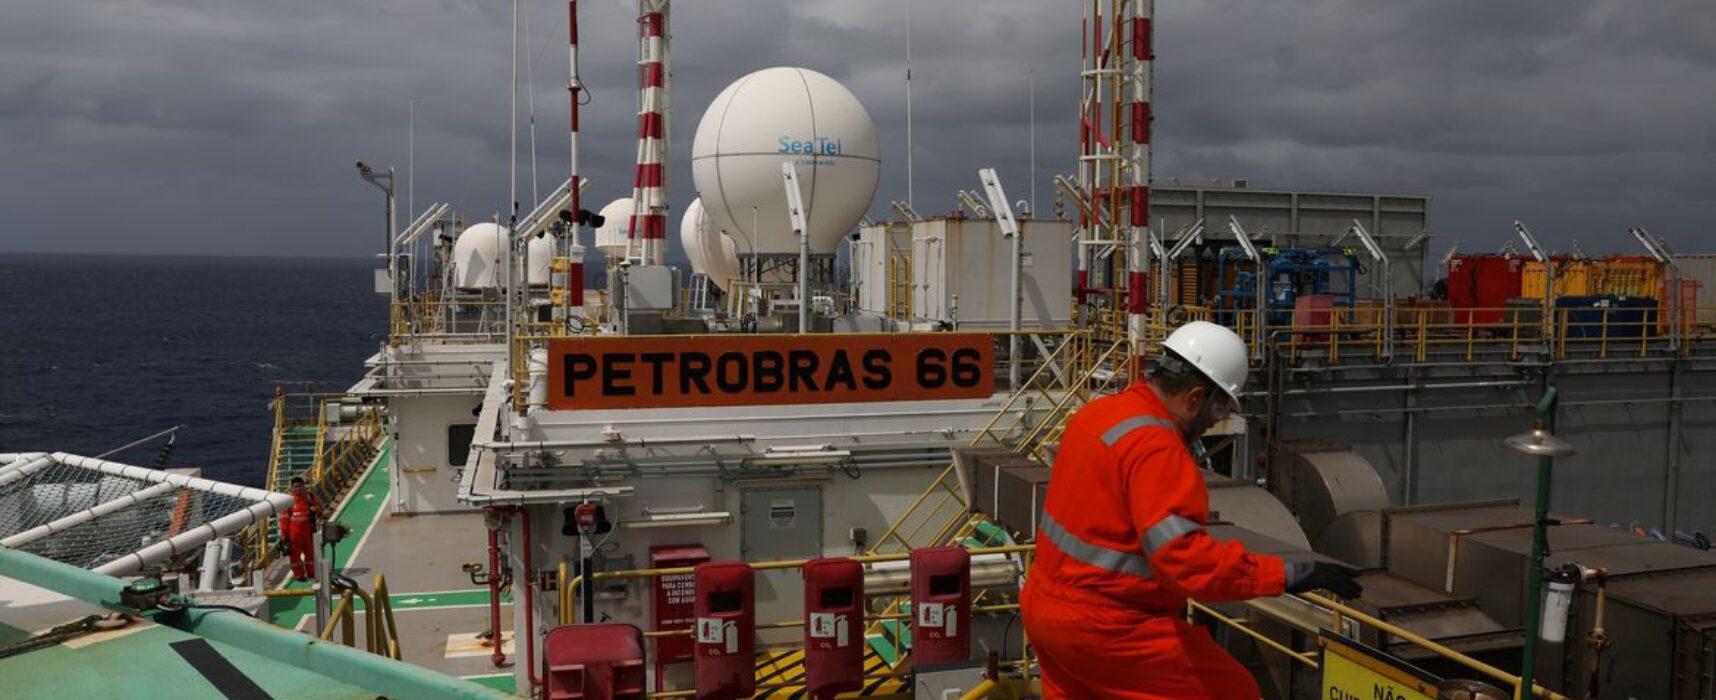 Petrobras anuncia crescimento da produção no terceiro trimestre